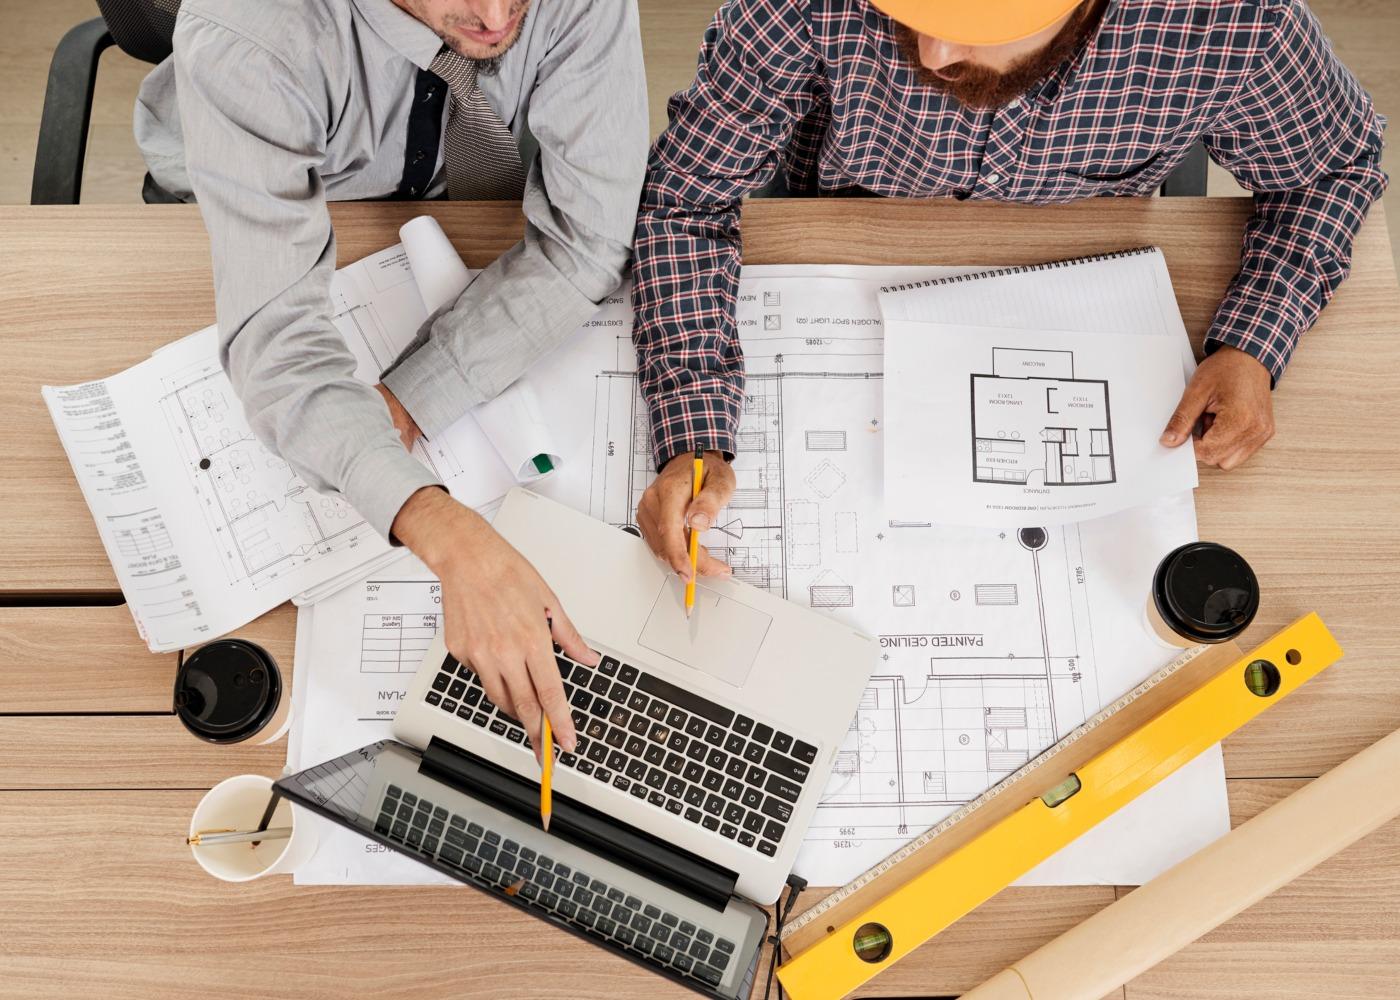 duas pessoas a ver um projeto de remodelação de uma casa no computador e nas plantas em papel